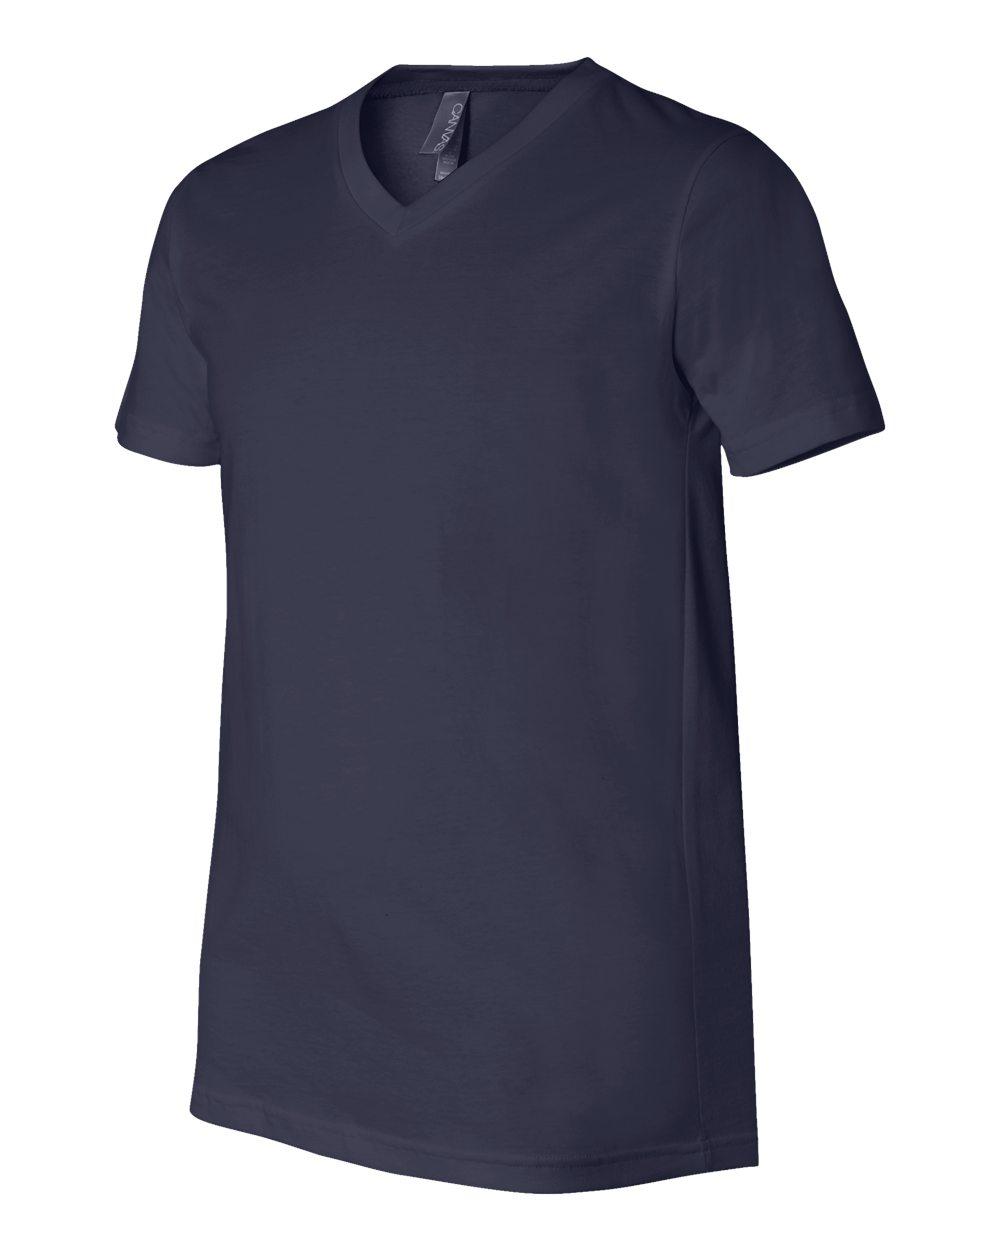 Bella-Canvas-Men-039-s-Jersey-Short-Sleeve-V-Neck-T-Shirt-3005-XS-3XL thumbnail 33